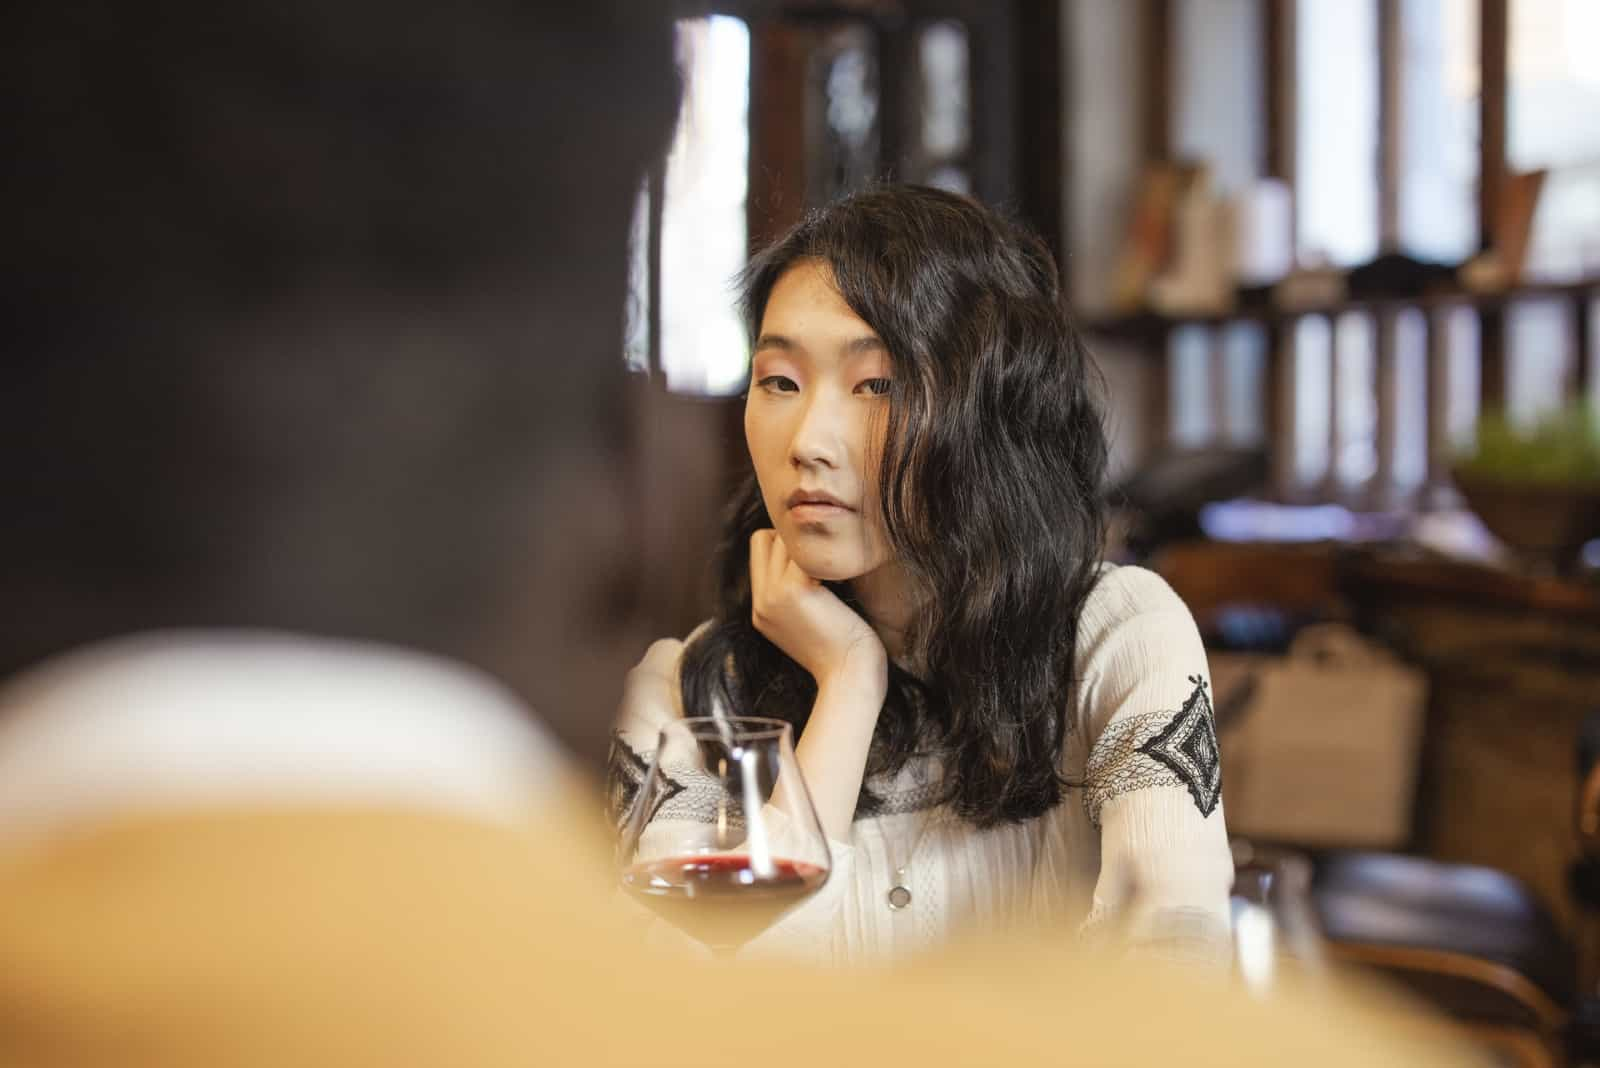 Une femme sérieuse regarde un homme assis dans un café